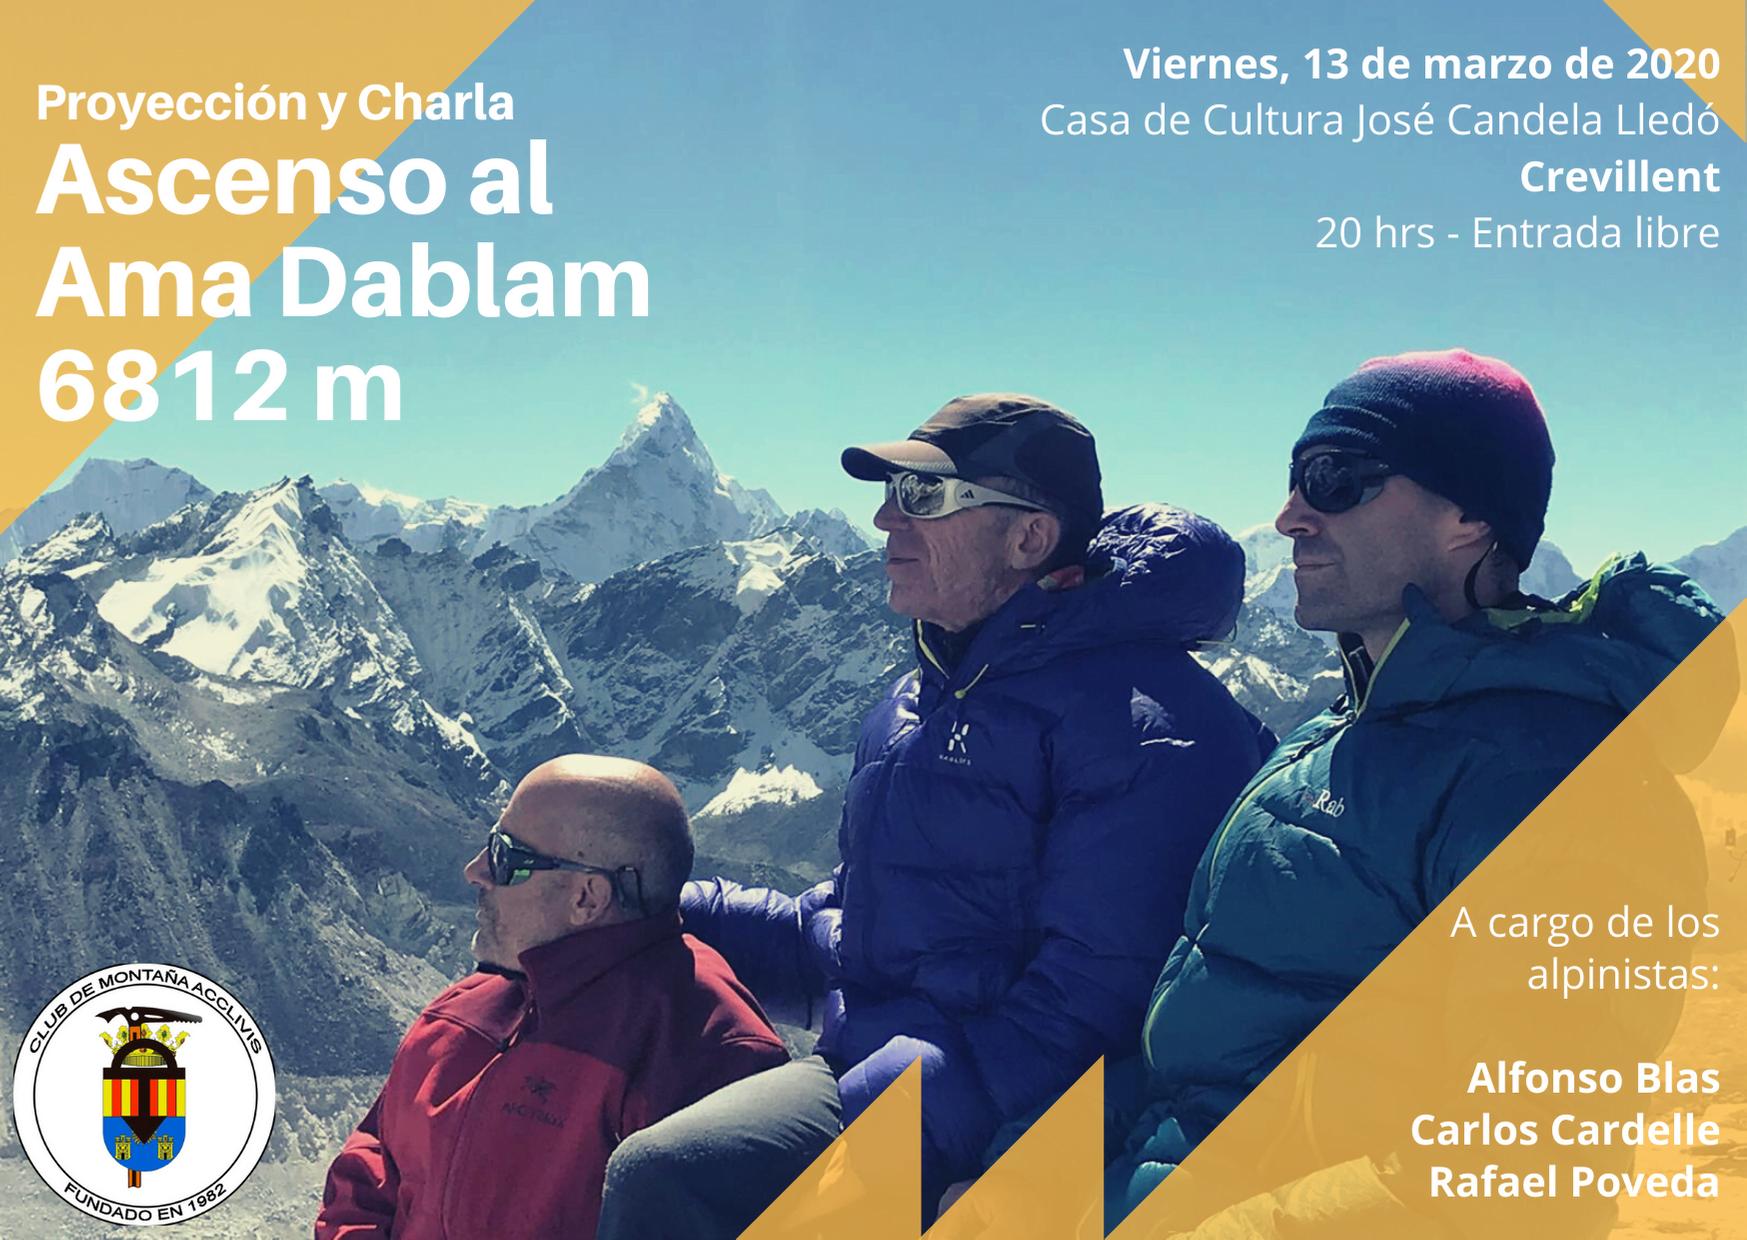 13 de marzo. Ascenso al Ama Dablam, 6812 m. Proyección y charla.